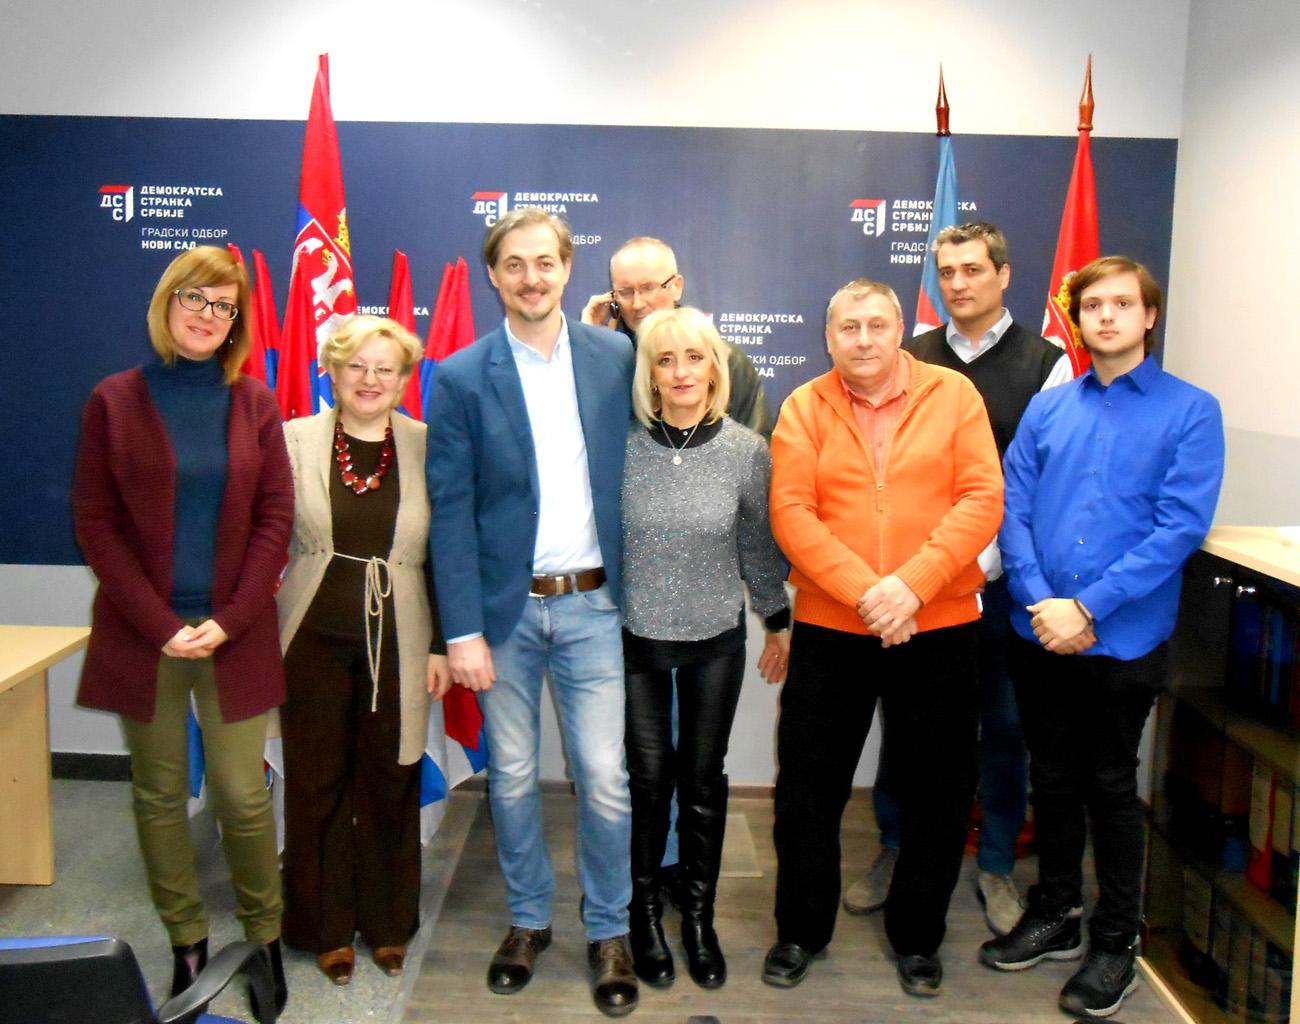 2-bojan-radojevic-sa-aktivistima-koji-ce-darivati-zastave